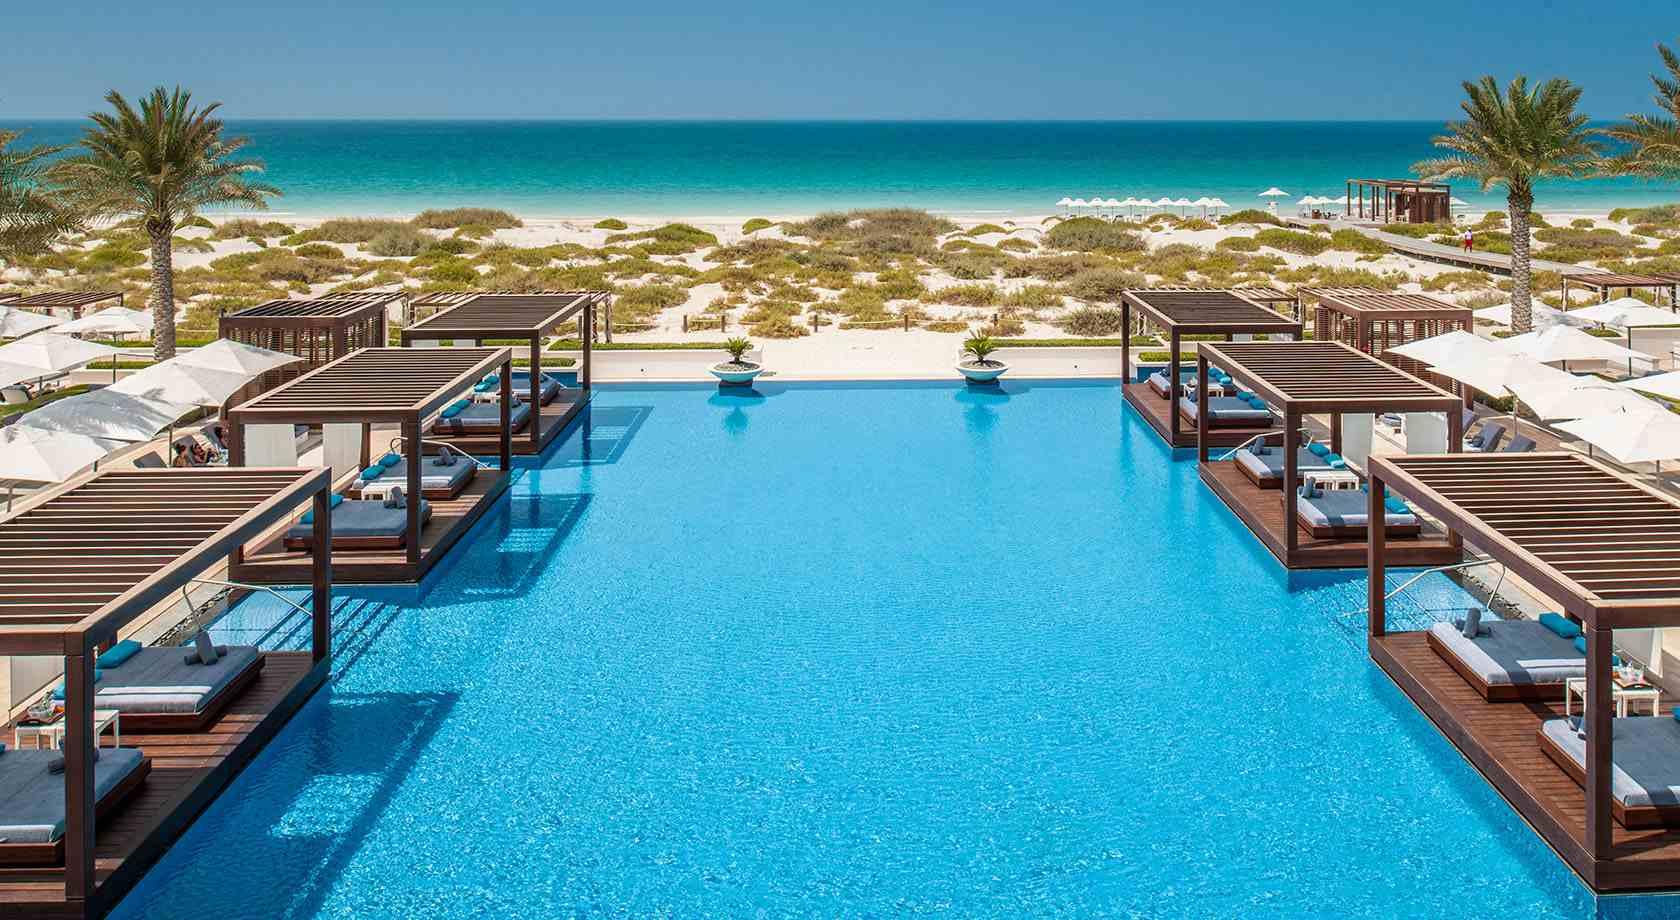 Saadiyat Beach Club Abu Dhabi UAE